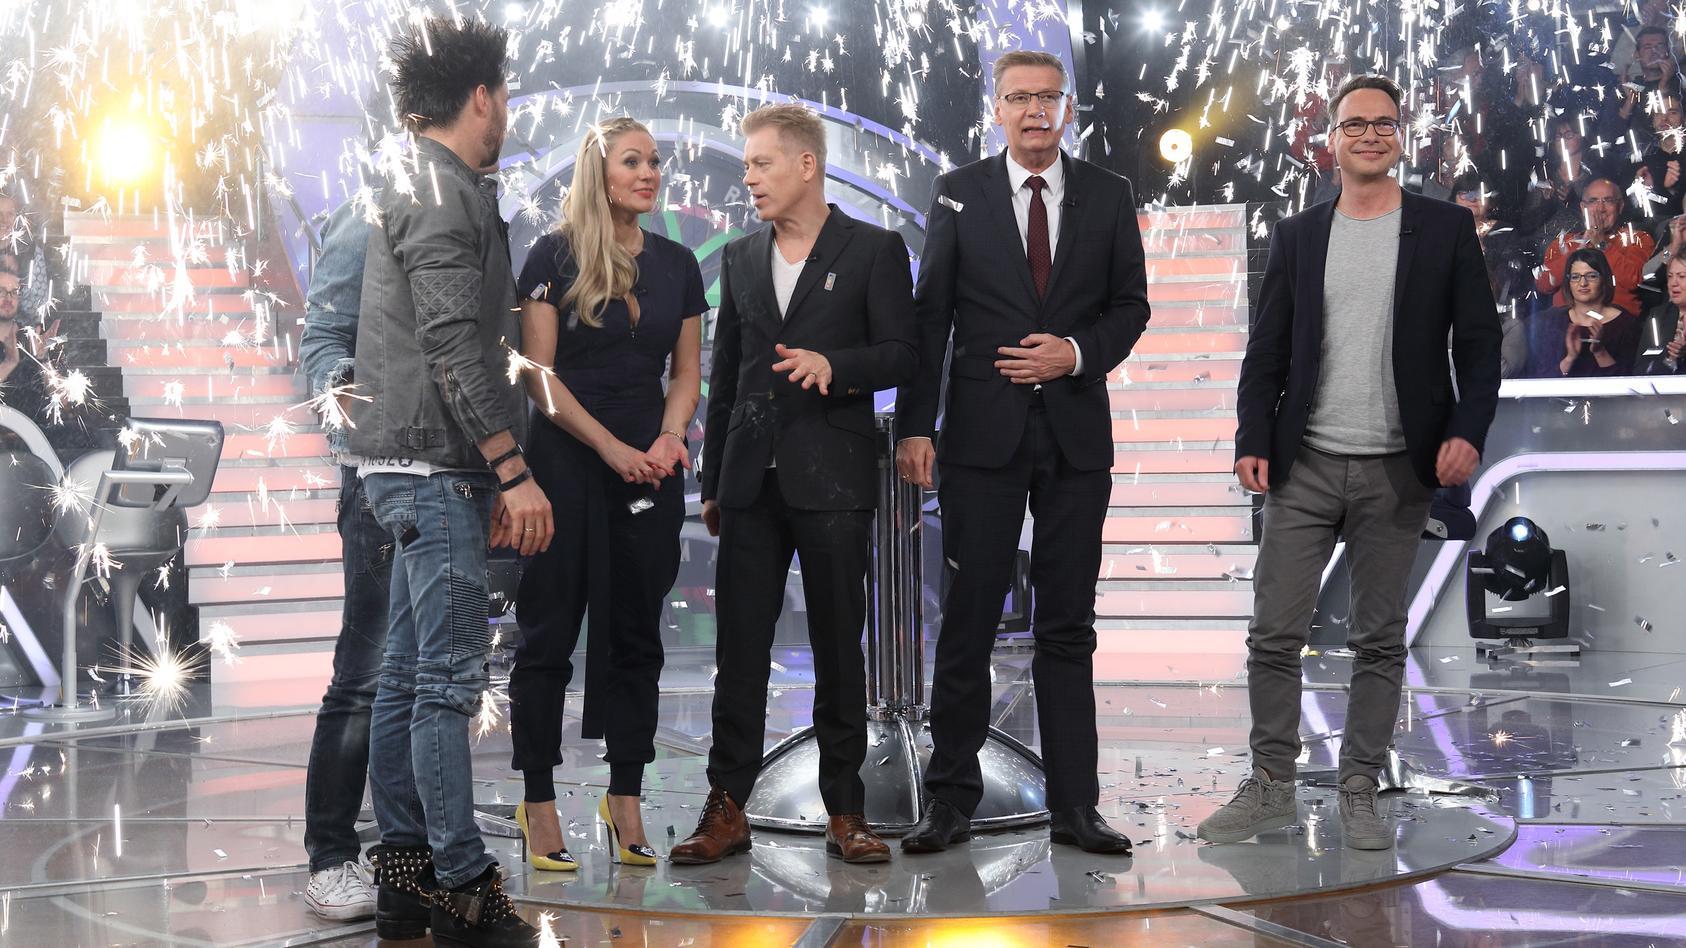 """""""Wer wird Millionär? - Prominenten-Special mit den Ehrlich Brothers, Ruth Moschner, Michael Mittermeier und Matthias Opdenhövel."""